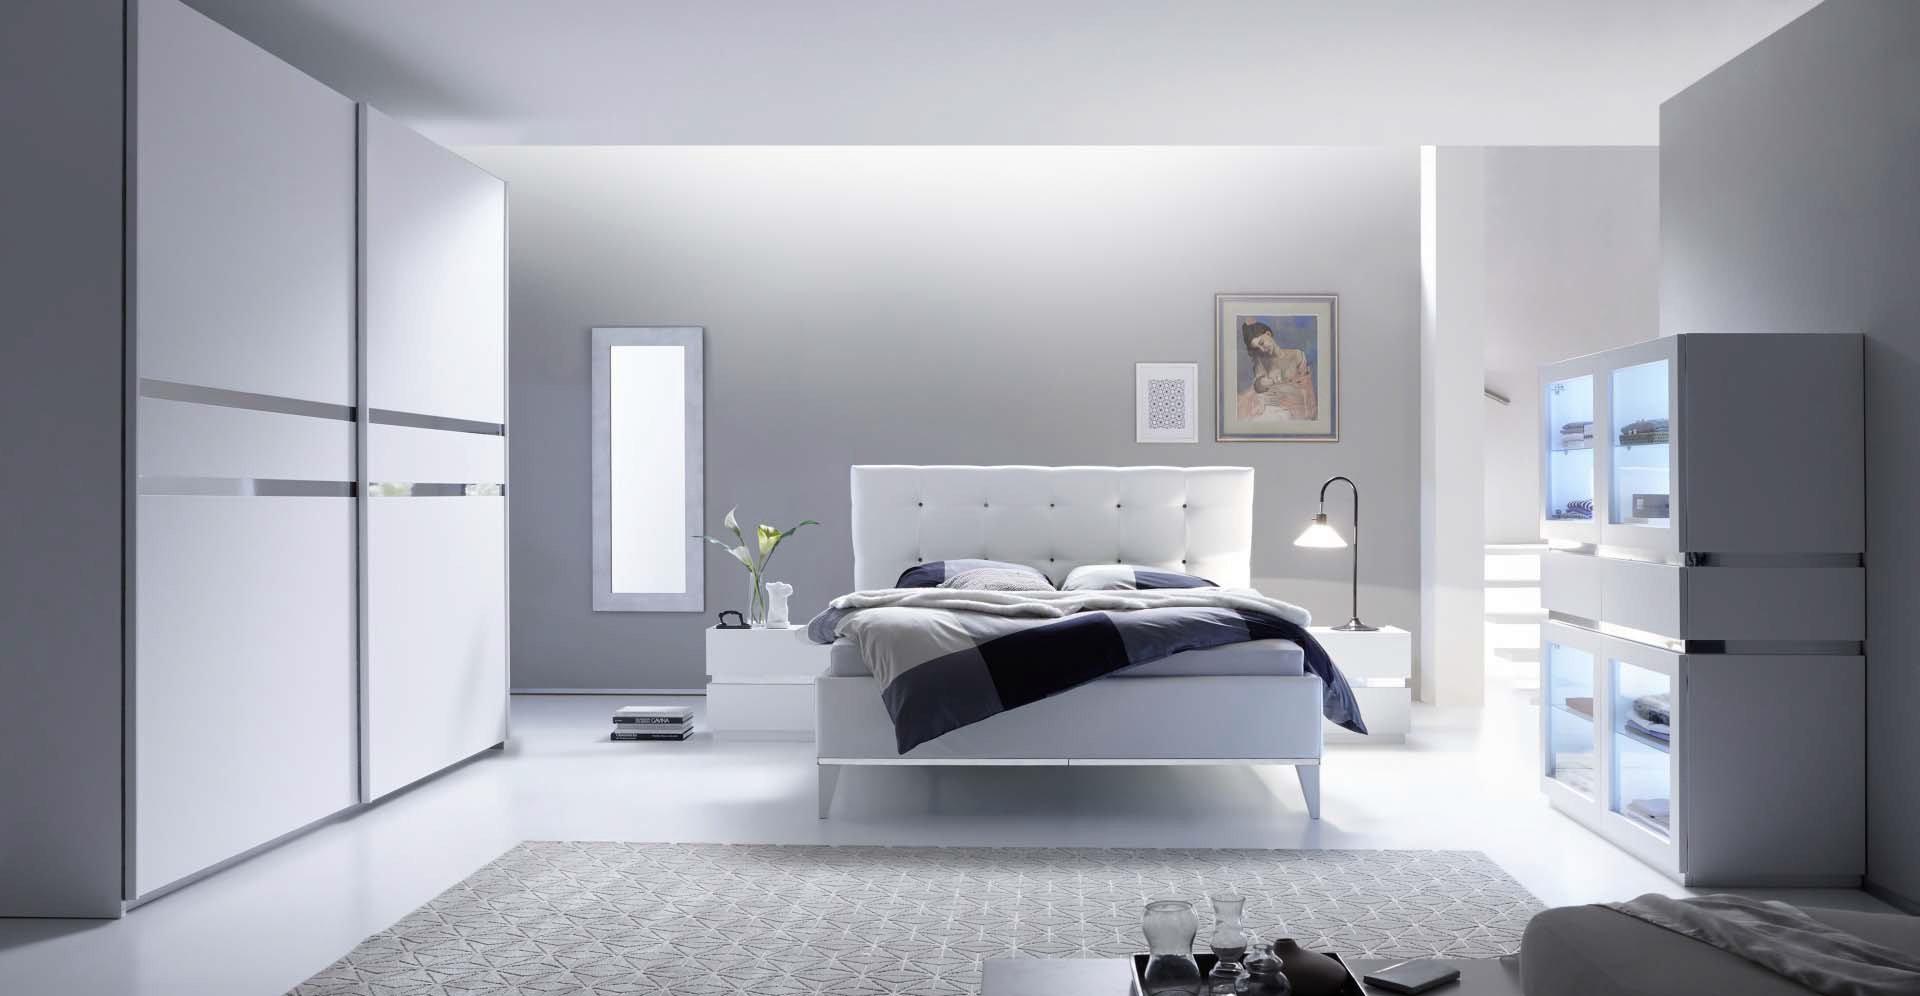 Letto matrimoniale reno mobile camera da letto moderno - Camera da letto moderno ...